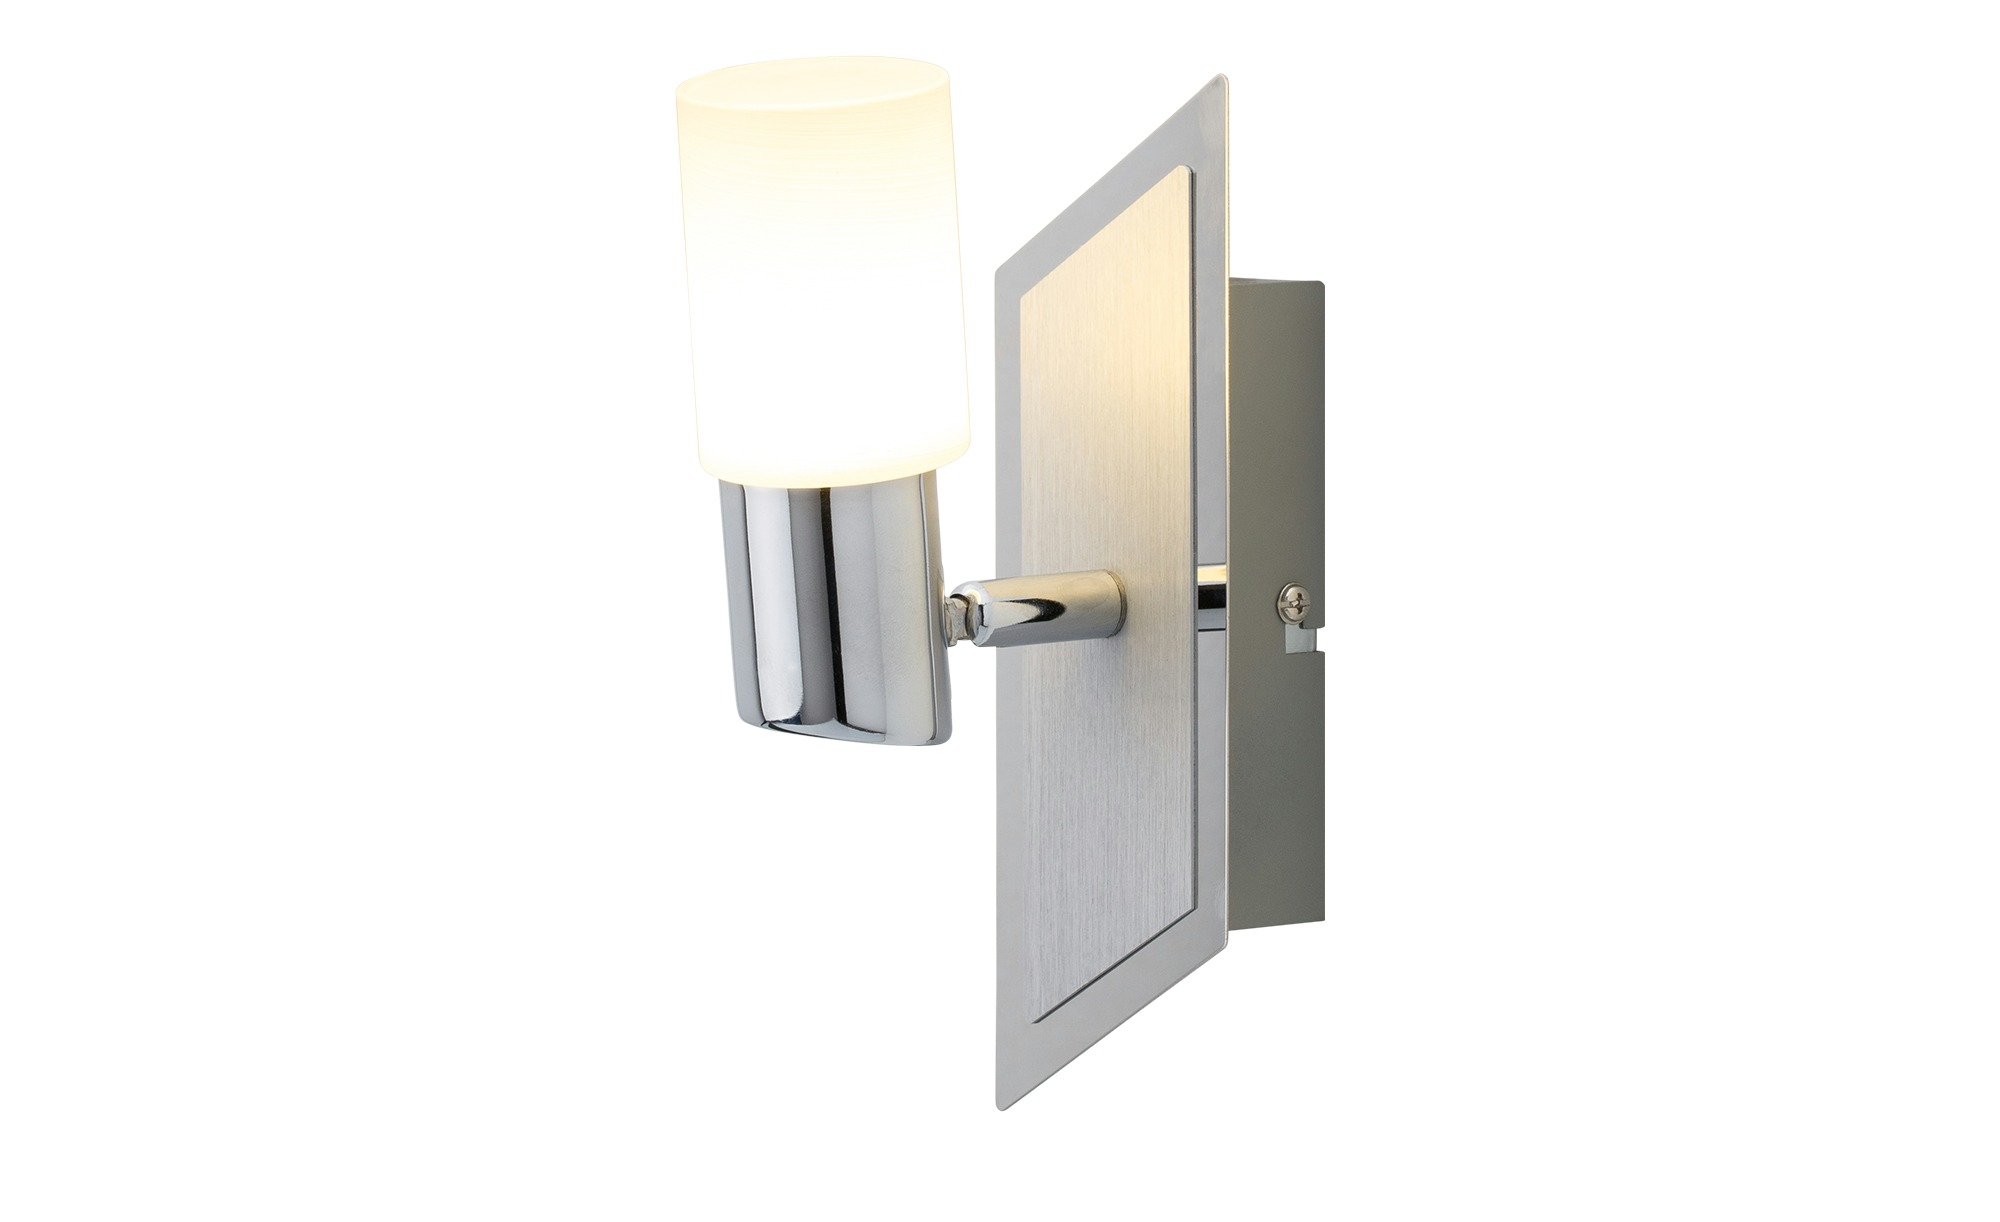 Trio LED-Wandstrahler Aluminium zylinderförmig ¦ silber Lampen & Leuchten > LED-Leuchten > LED-Strahler & Spots - Höffner